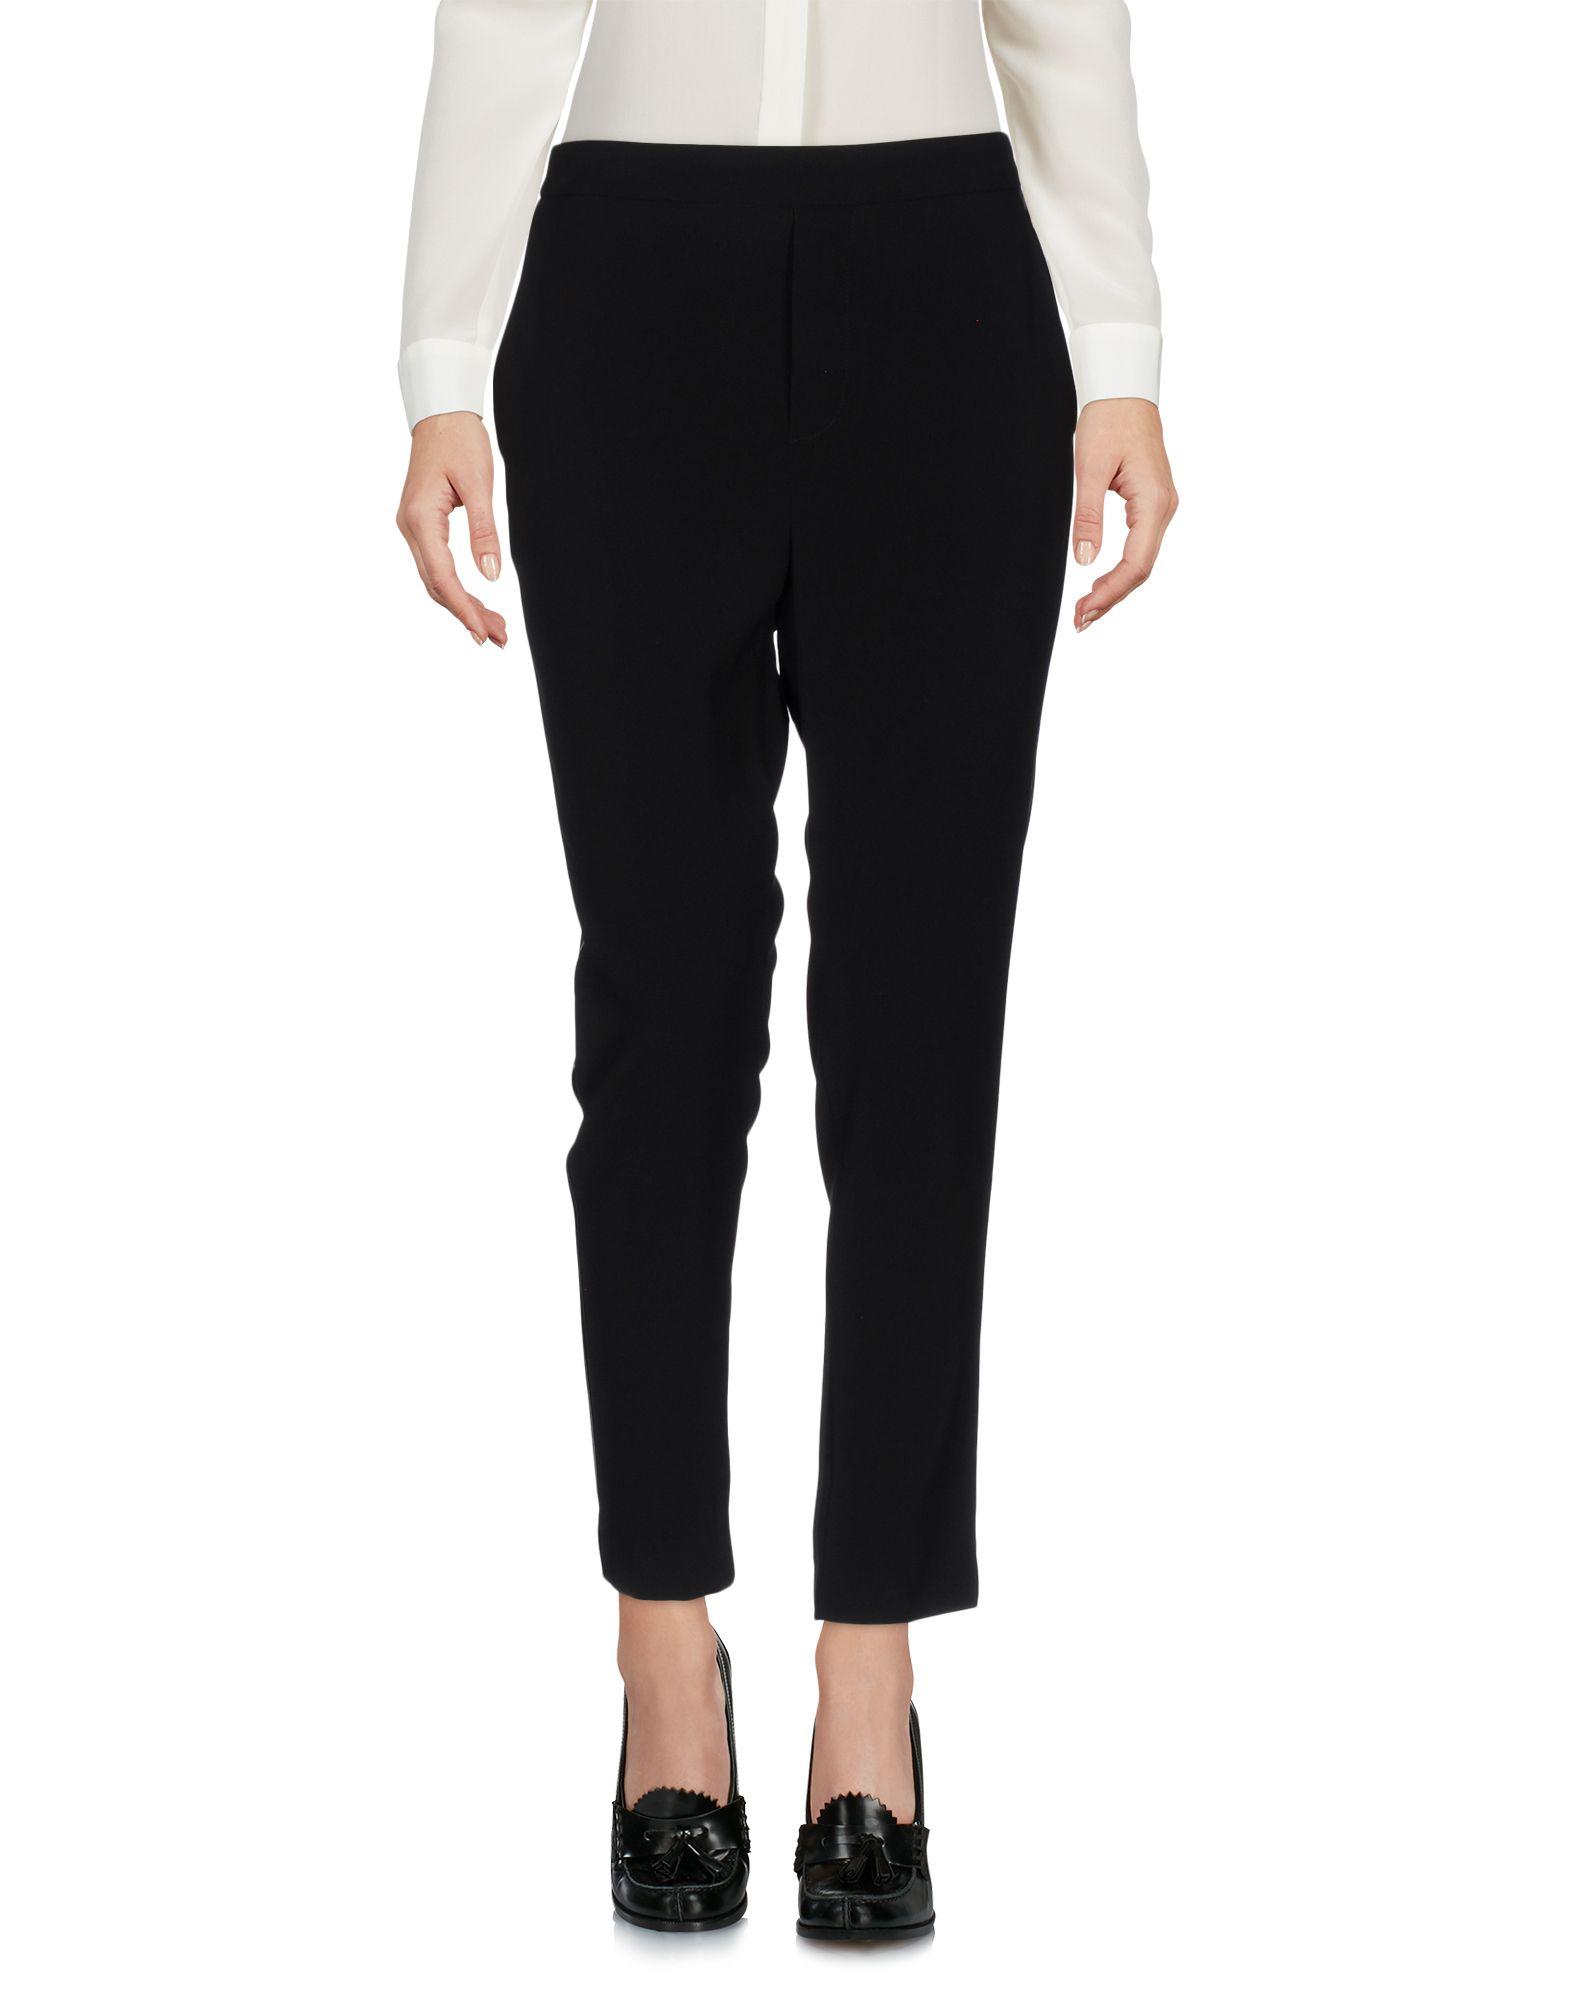 SIBEL SARAL Повседневные брюки мужские повседневные брюки белья шелк смесь брюки плюс размер штаны брюки ореховый c159